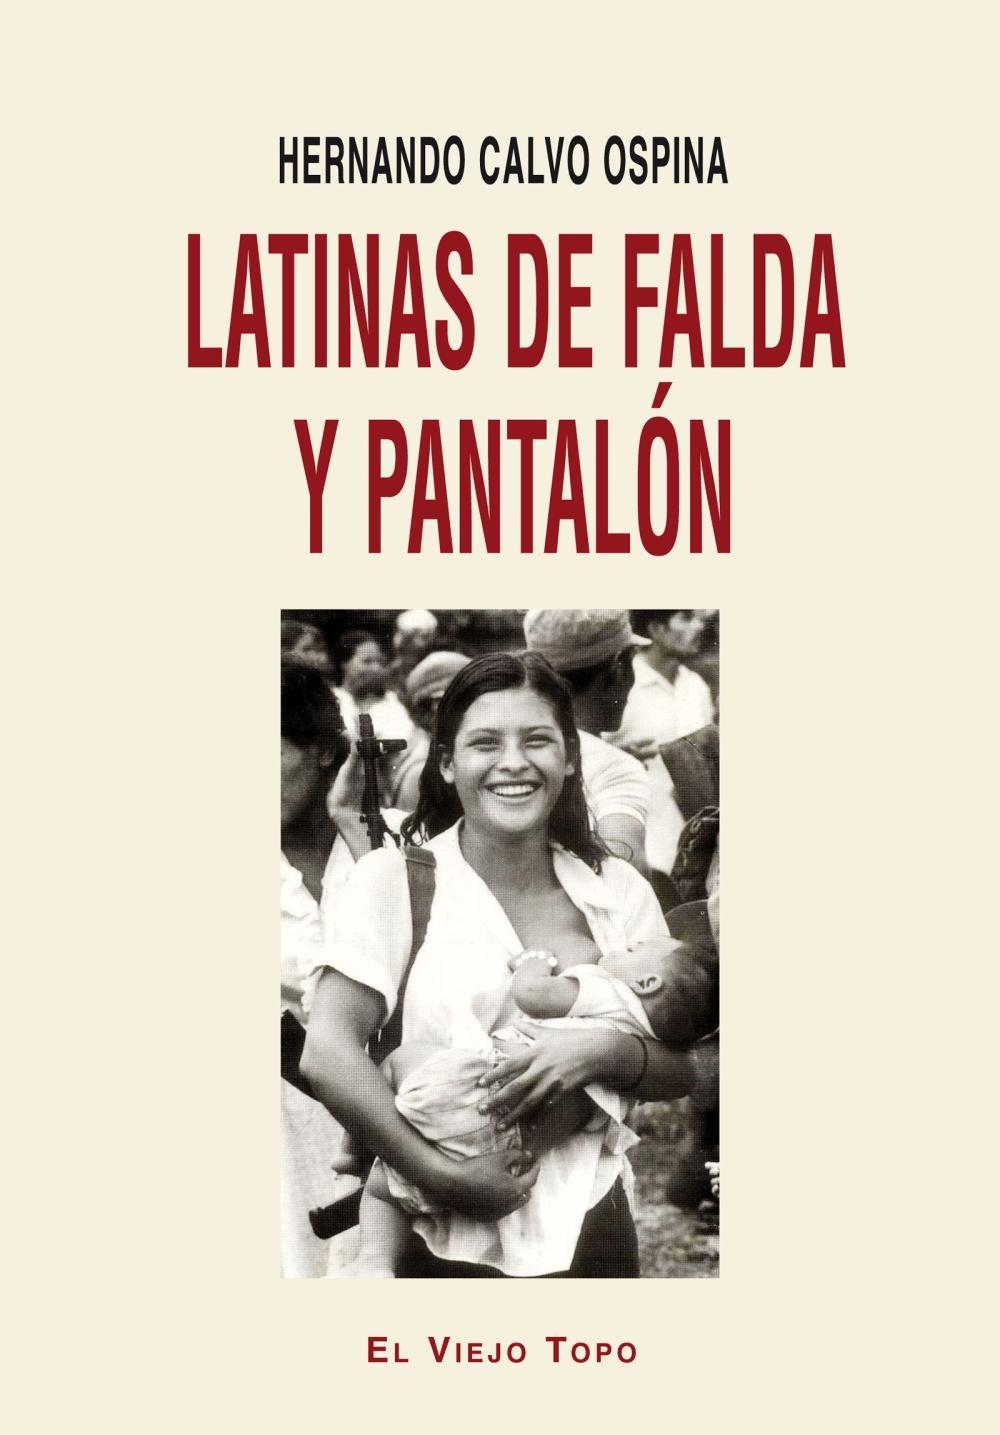 Latinas de falda y pantalón